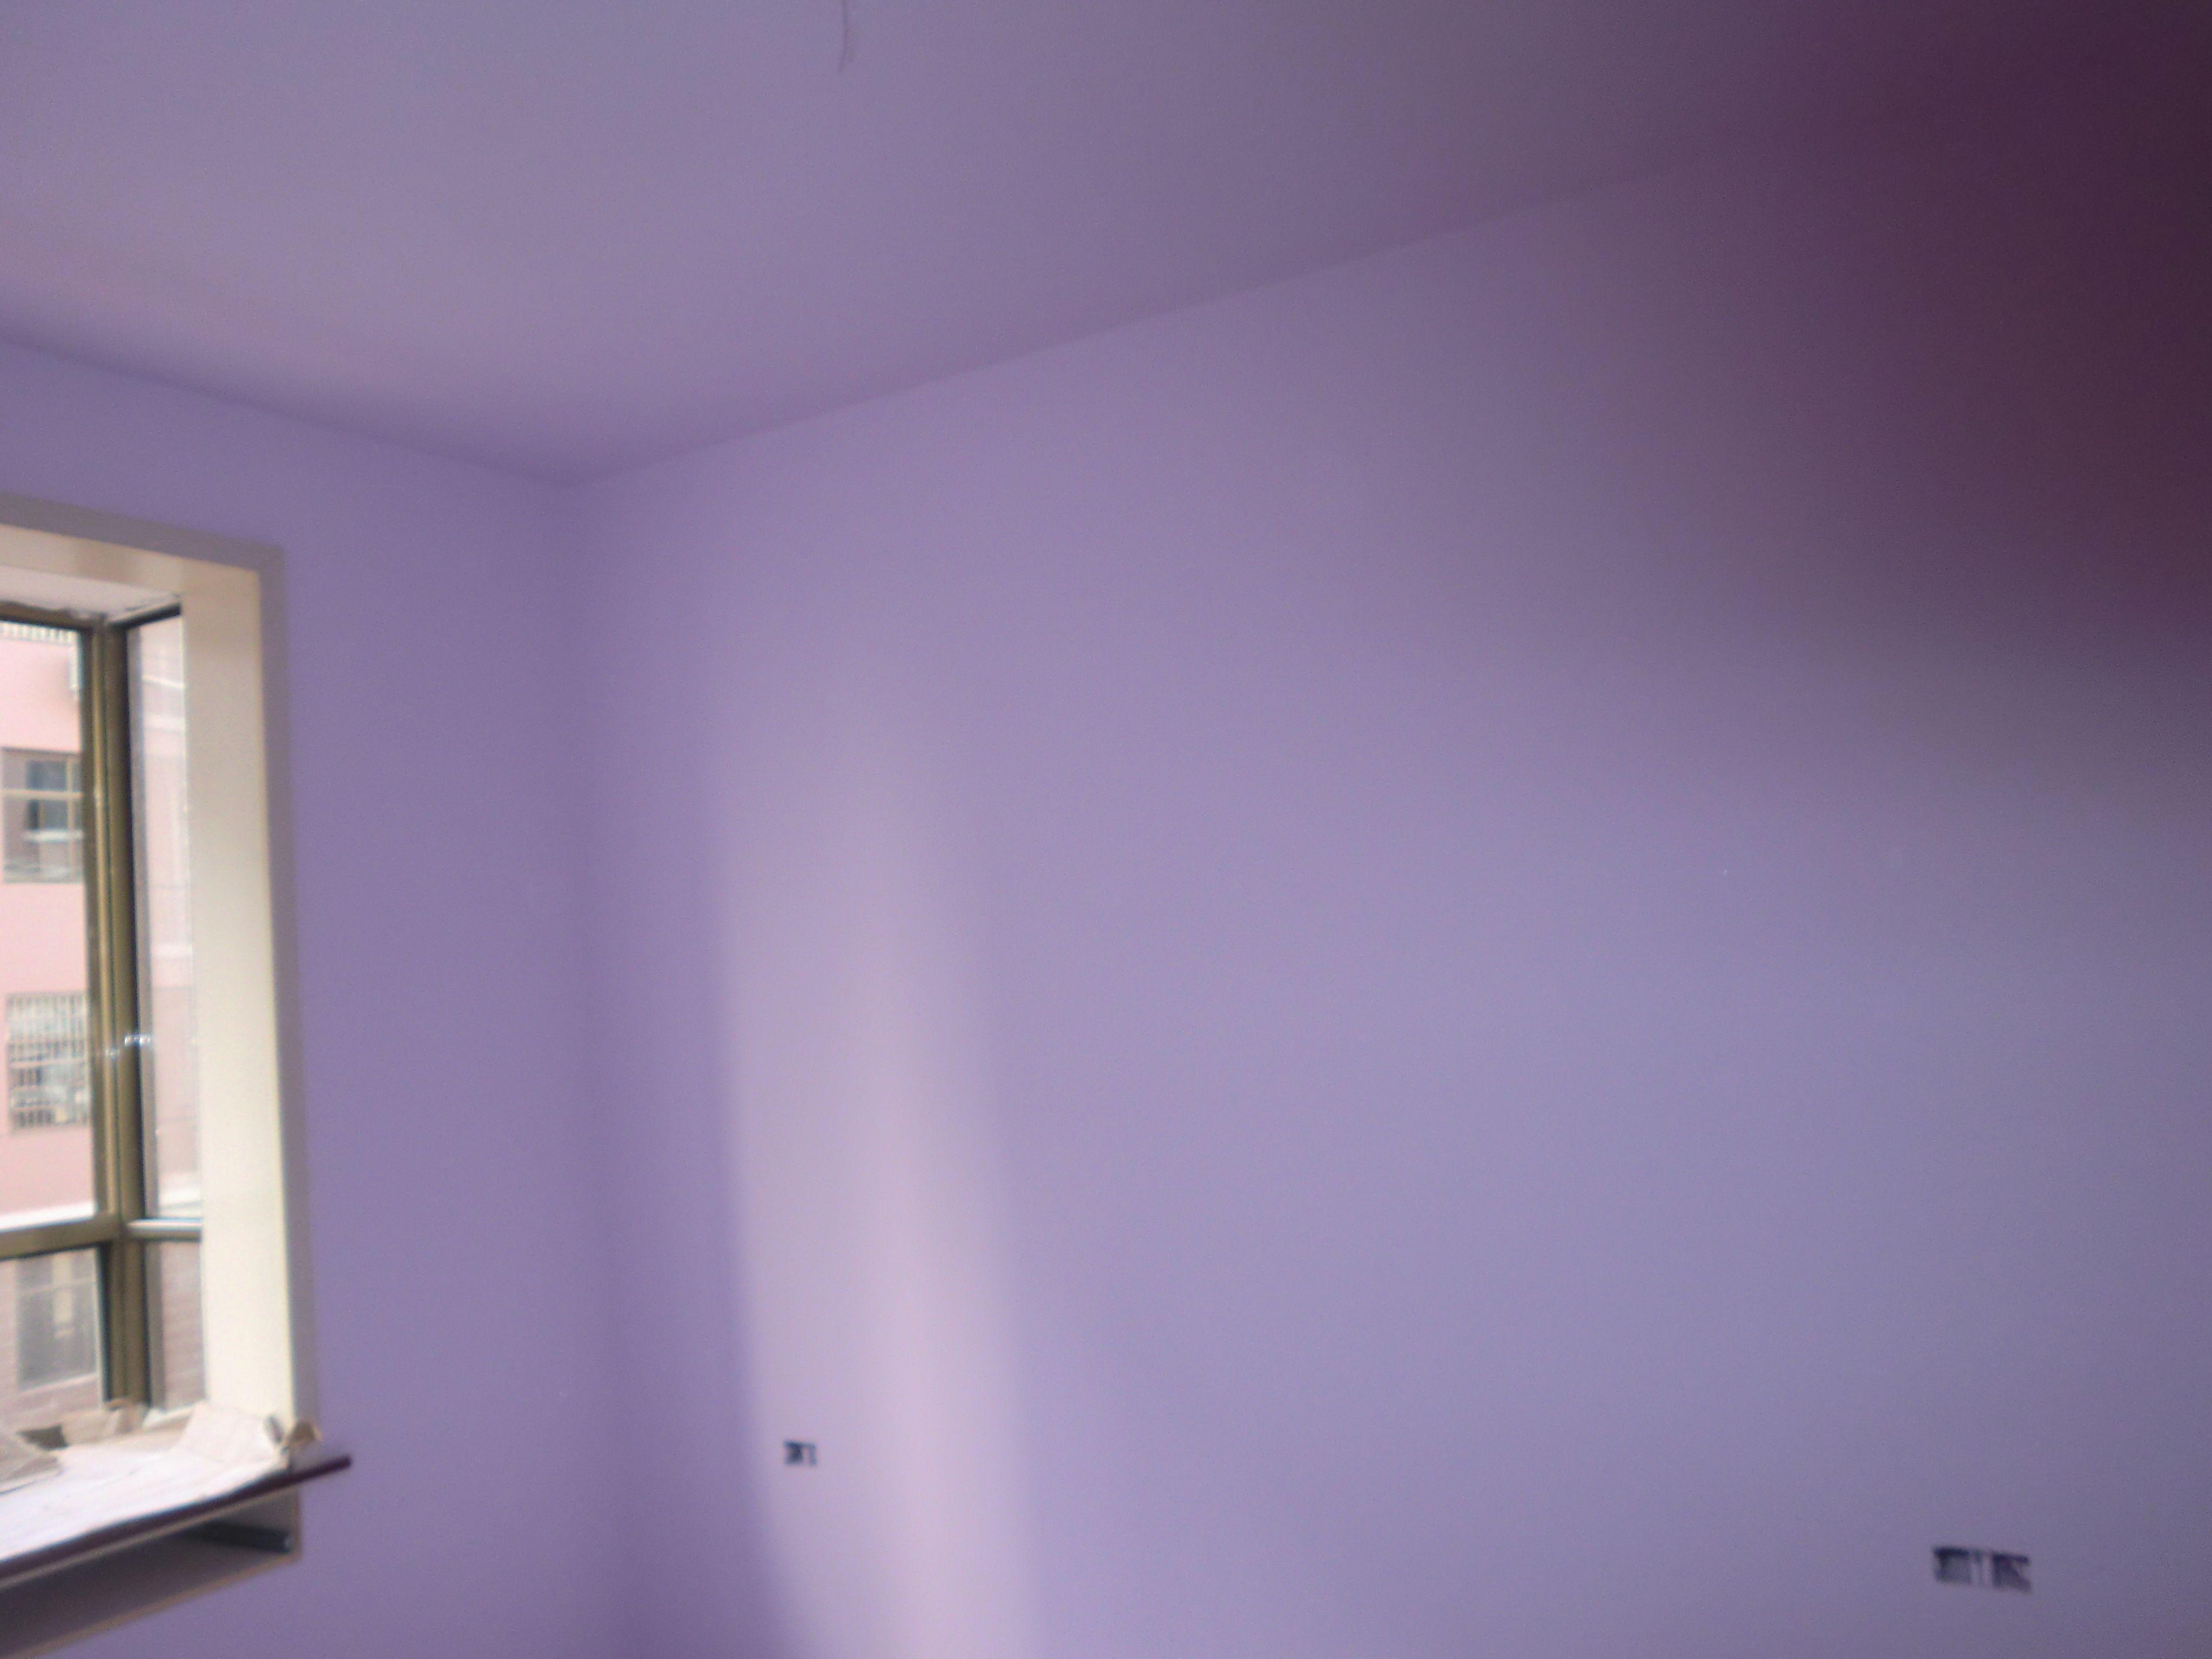 电视背景墙墙纸颜色,主卧,客卧,儿童房,客厅阳台窗帘各用什么颜色?